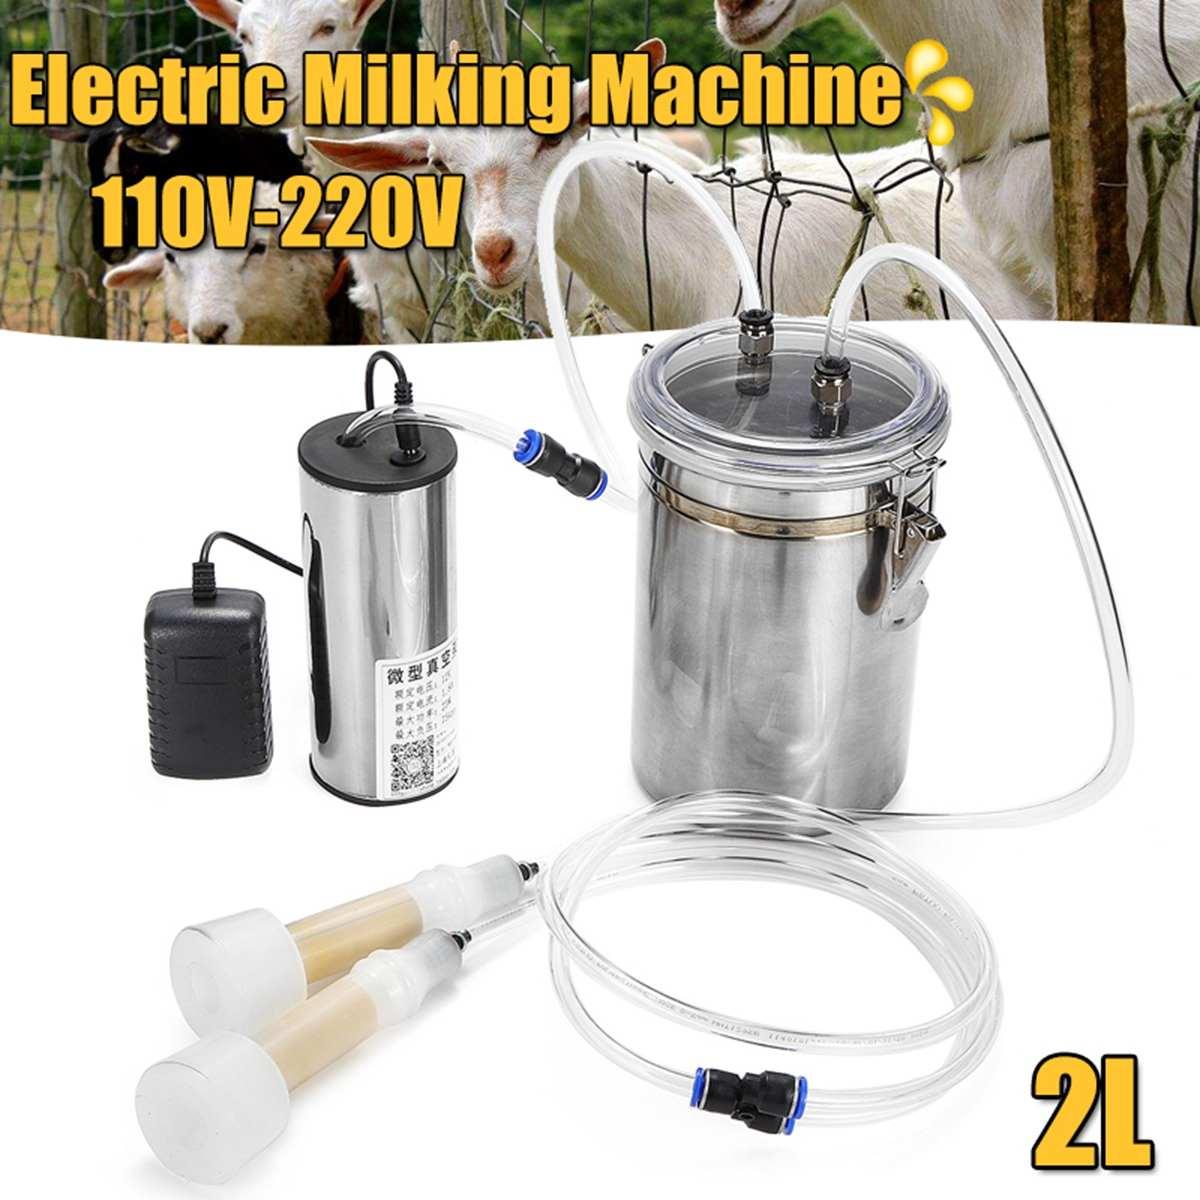 110-220 V 2L 2 tétines manuel électrique Machine à traire pompe Kit traire baril bovin vache mouton Ewe chèvre outil laitier maison ferme